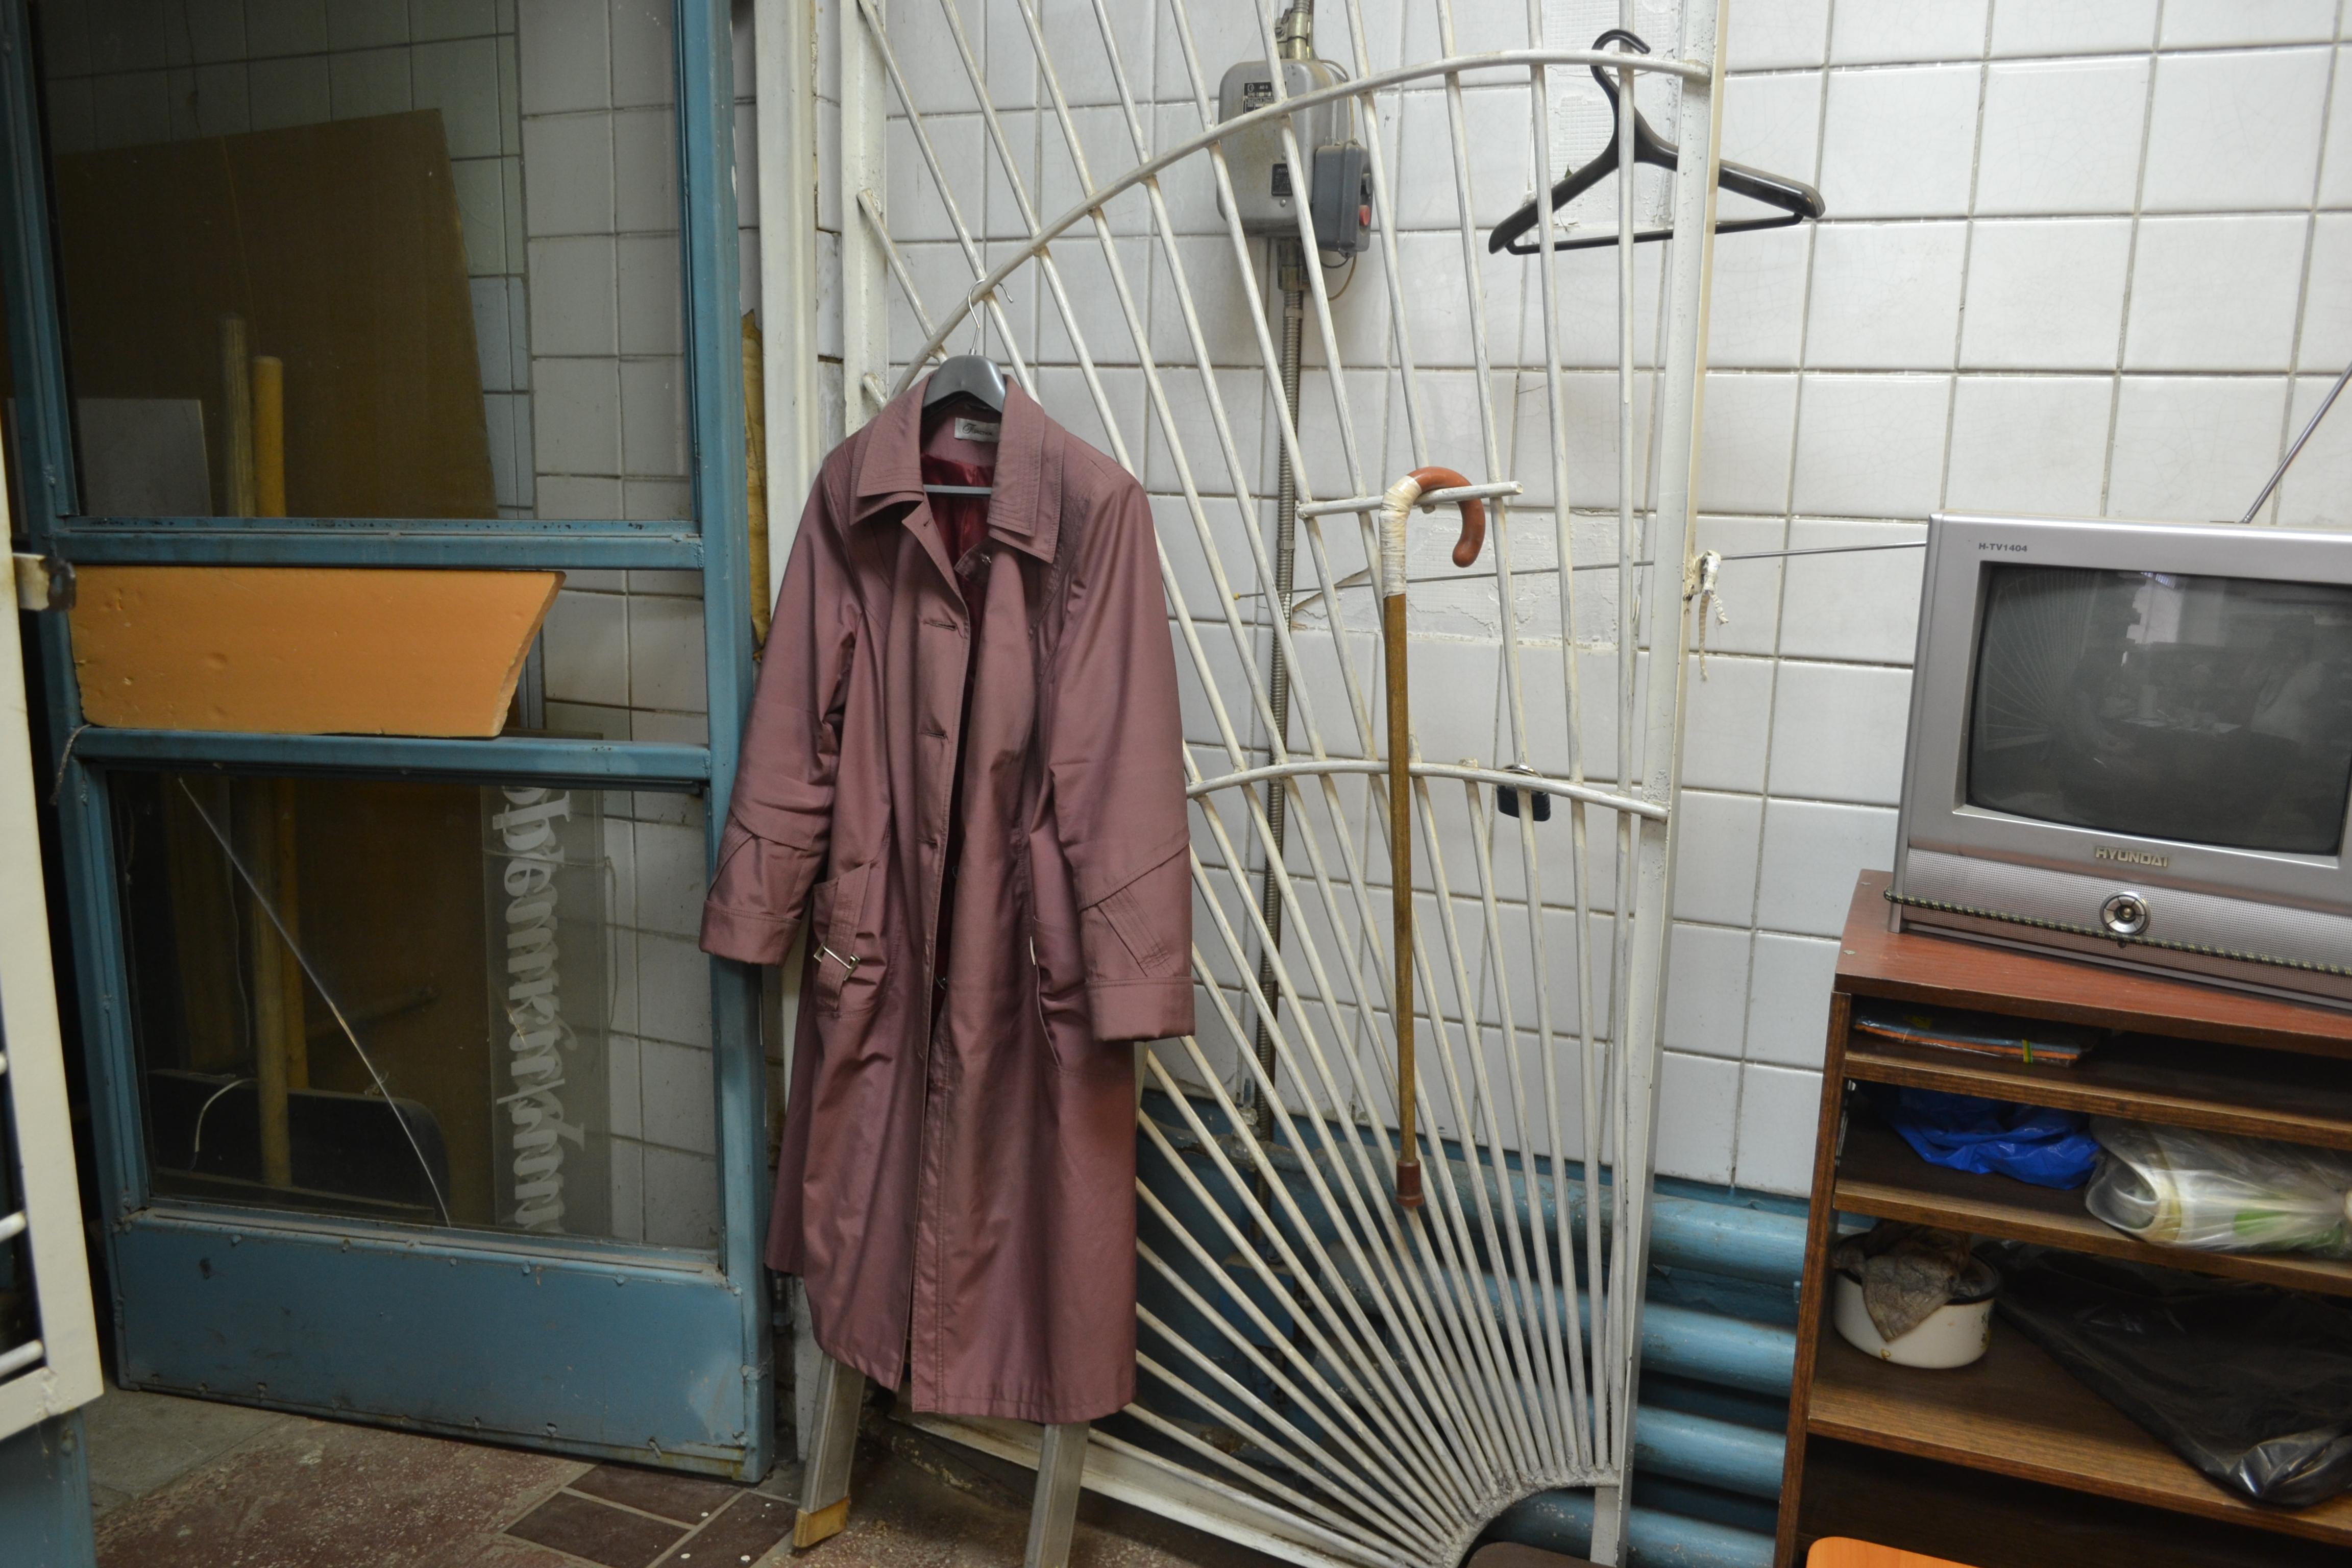 """фото: Ксения Олиферко / ИА """"Диалог"""""""